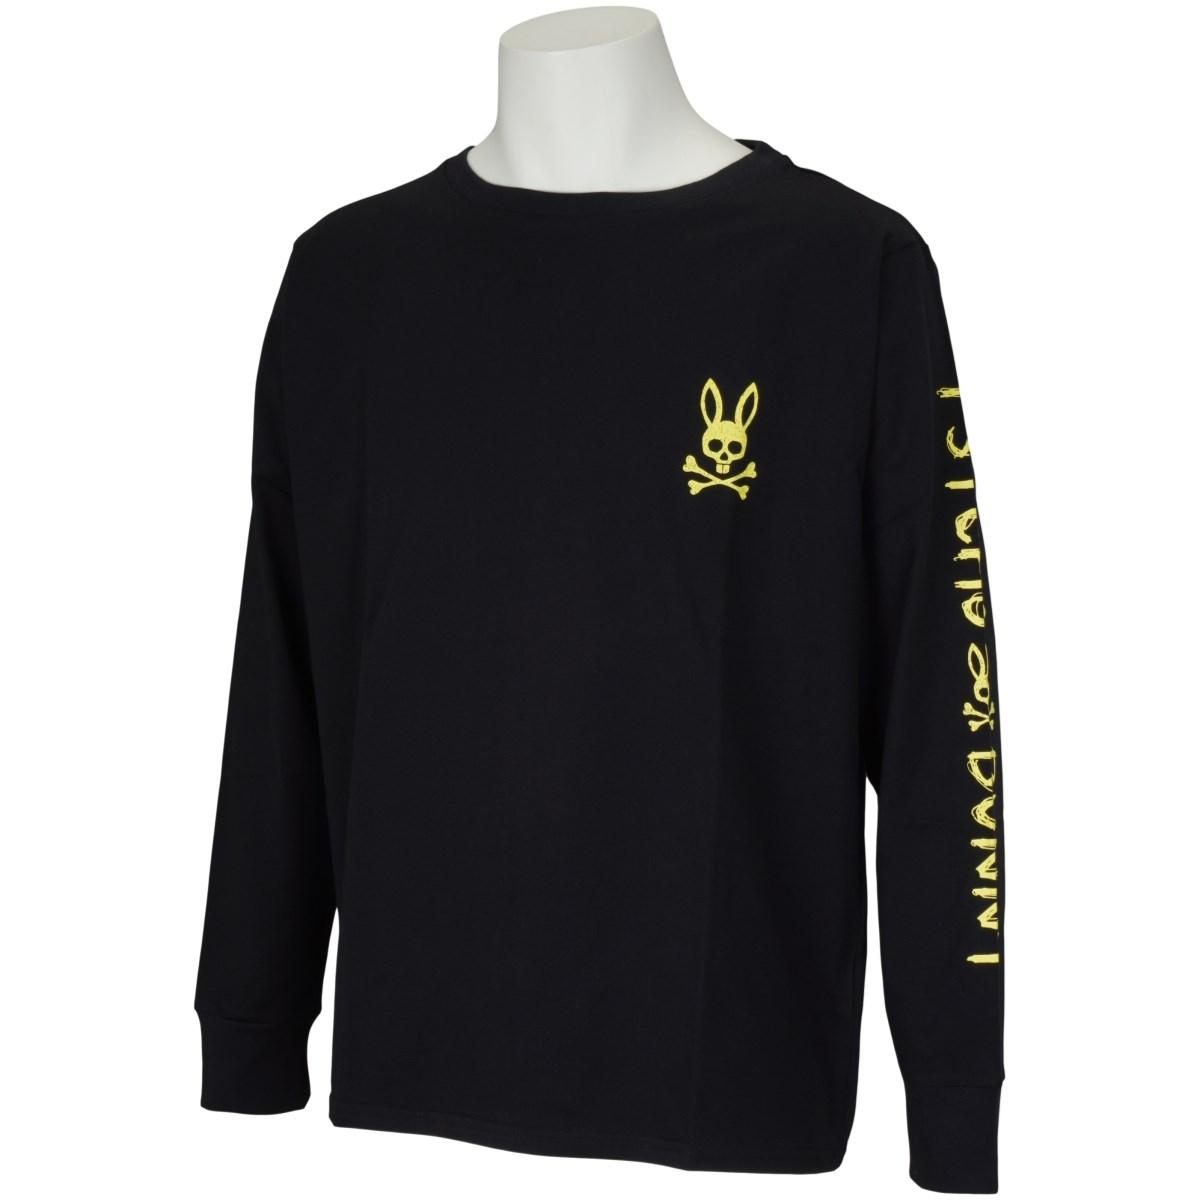 サイコバニー PSYCHO BUNNY ハンドライトロゴ長袖Tシャツ M ブラック